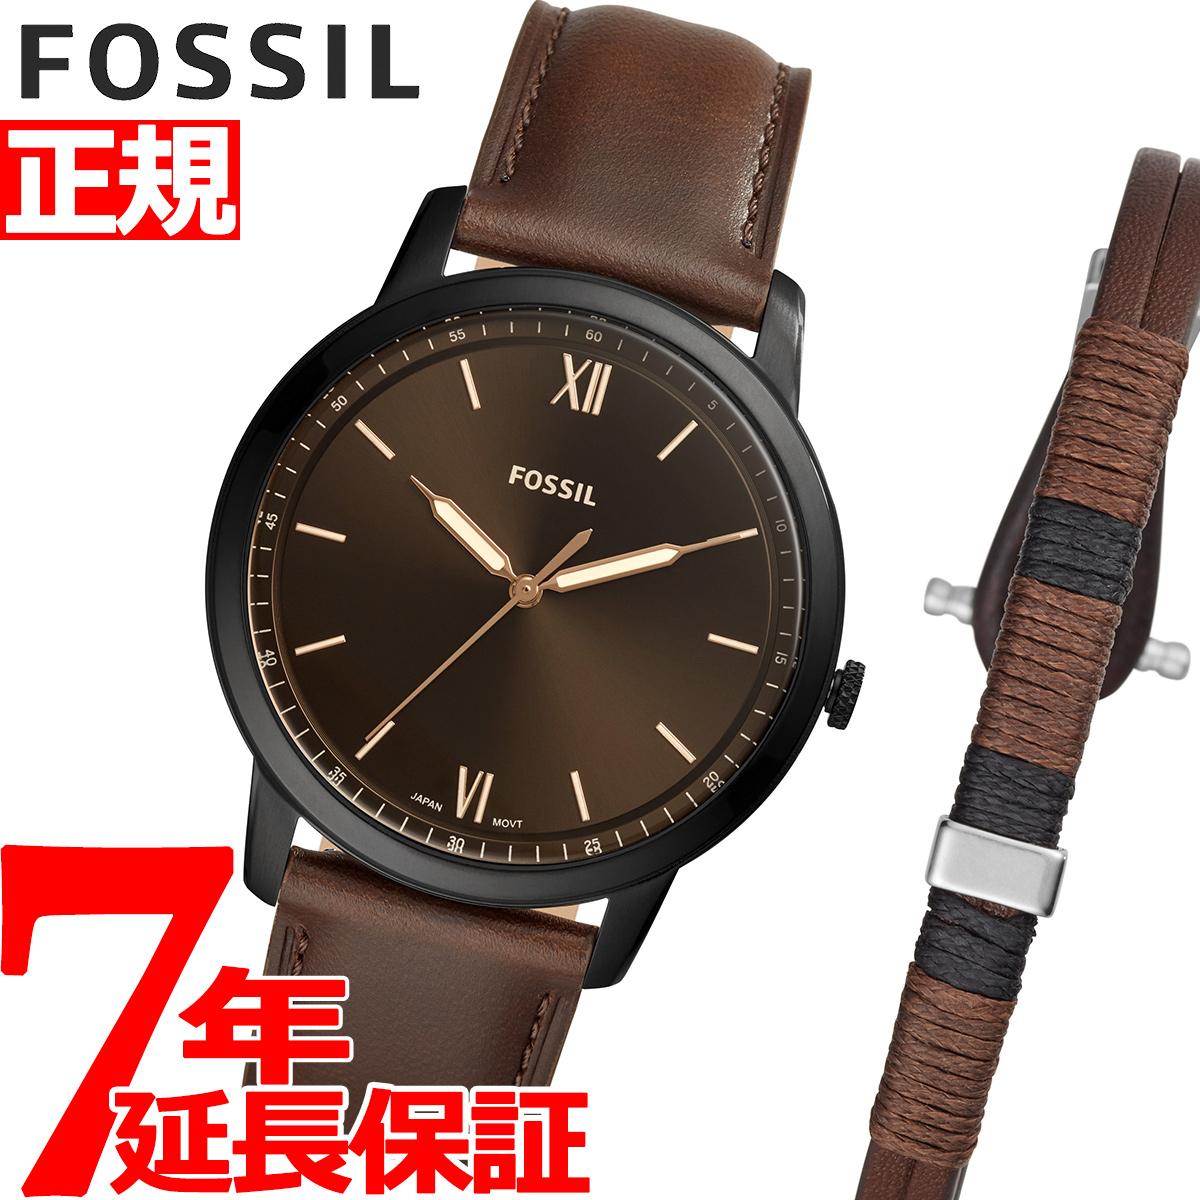 【2000円OFFクーポン&店内ポイント最大45倍!9日1時59分まで】フォッシル FOSSIL 腕時計 メンズ ミニマリスト THE MINIMALIST 3H FS5557SET